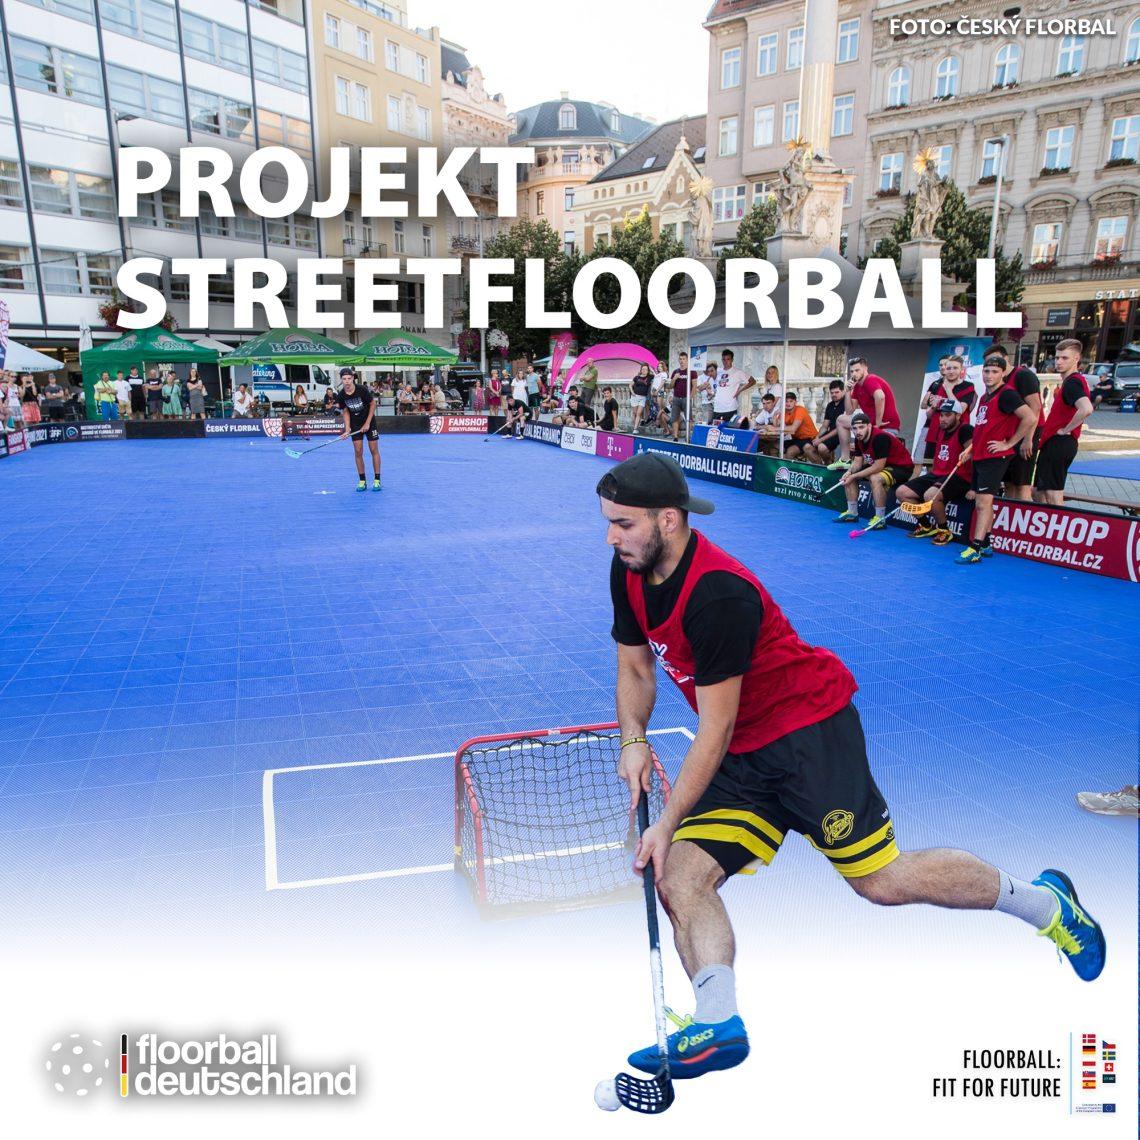 Streetfloorball – Über intensiven Austausch zum gemeinsamen  Projektplan